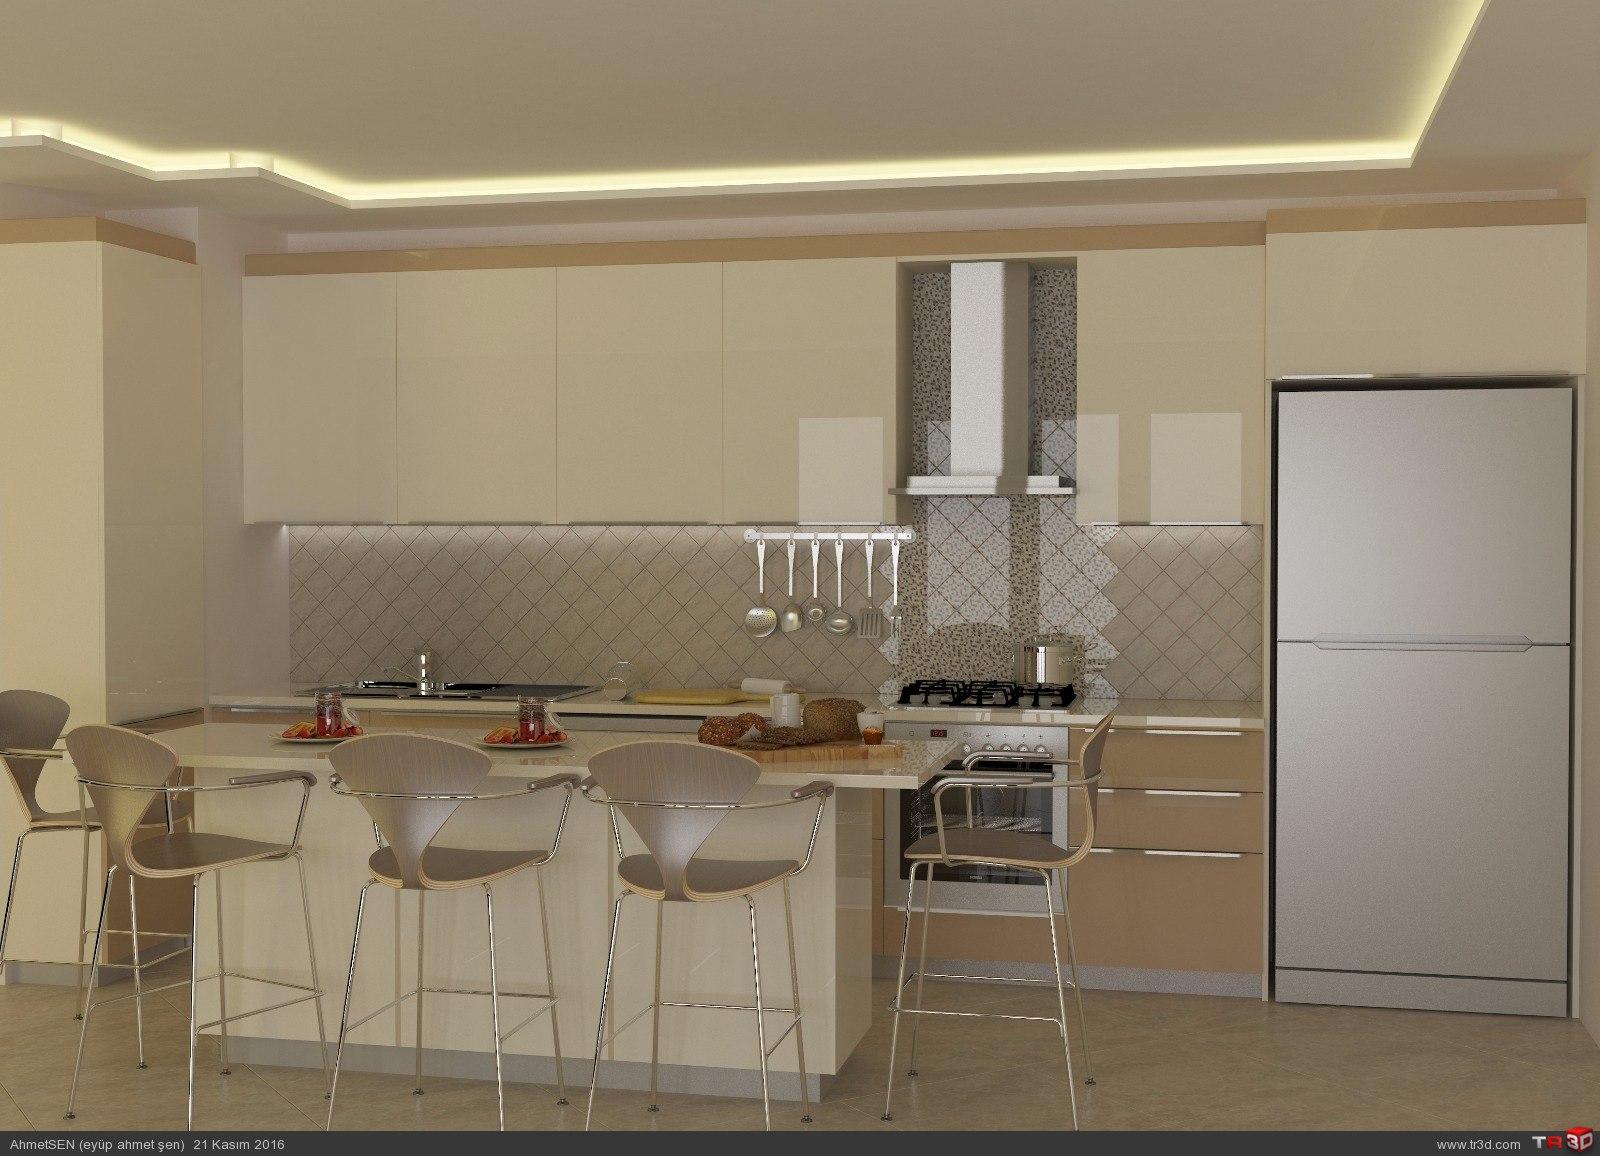 Mutfak Proje 4